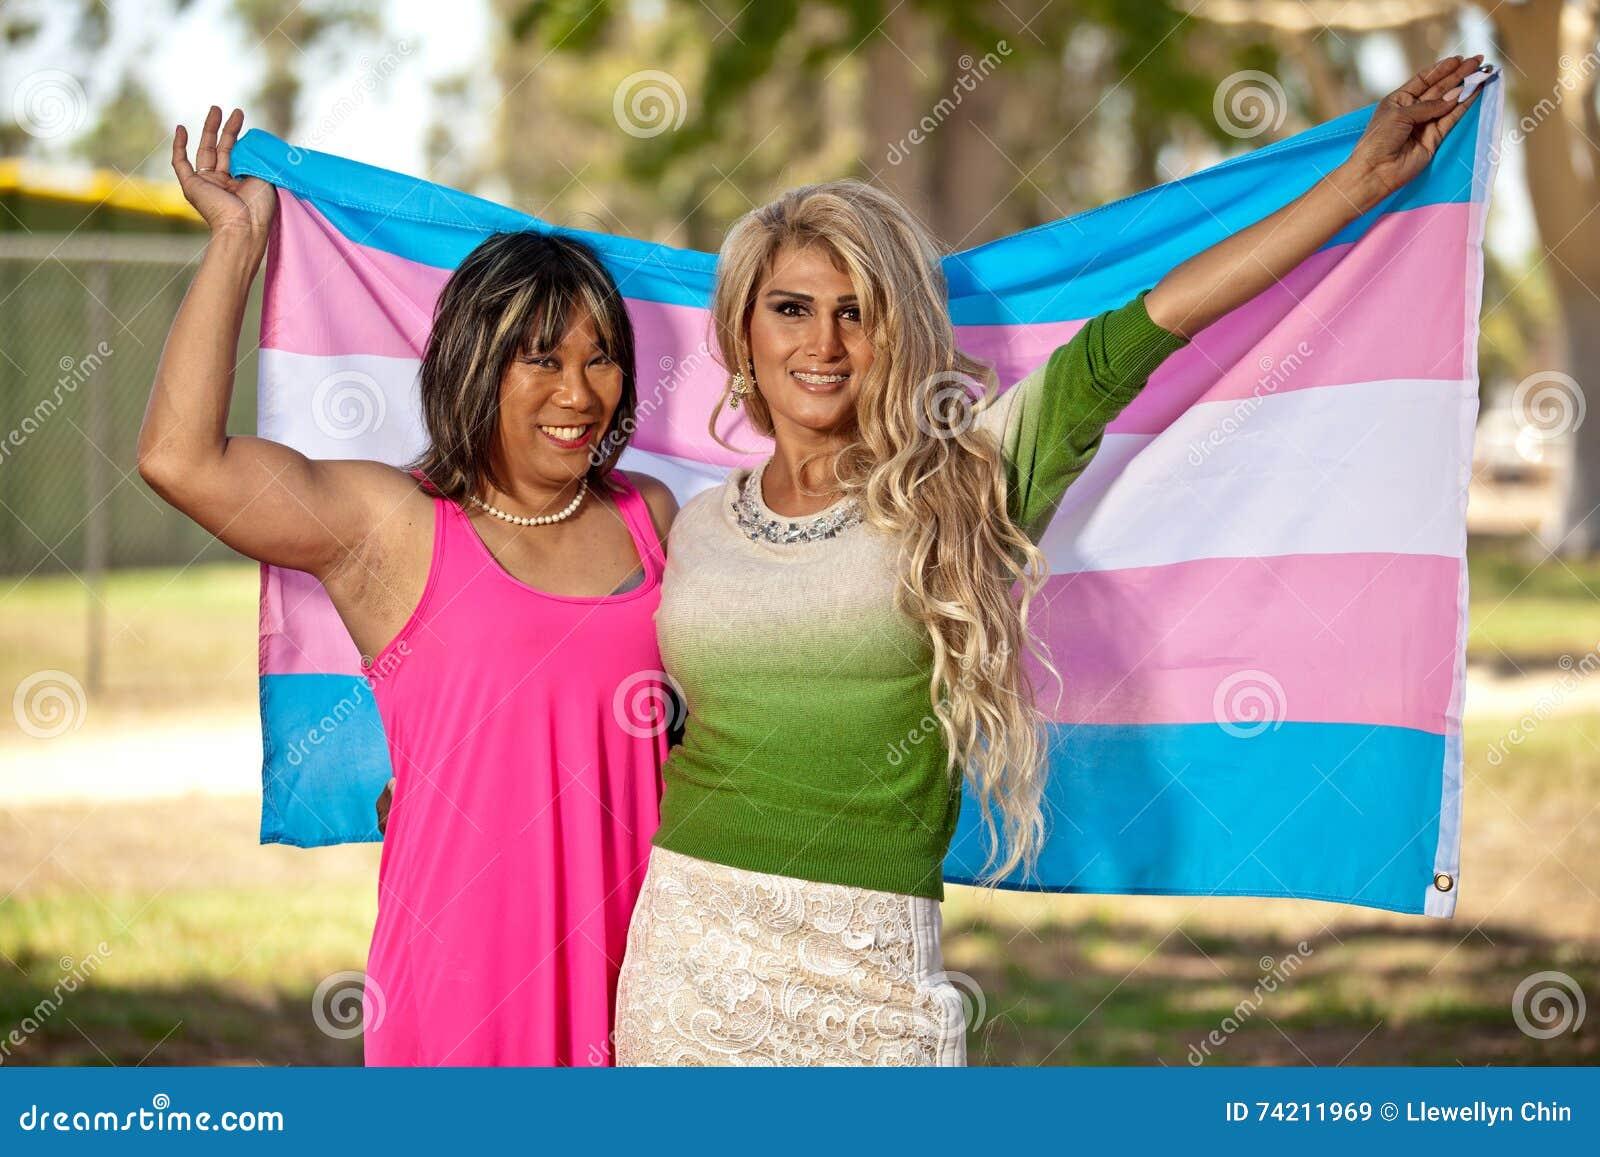 变性男性给骄傲地拿着自豪感旗子的女性